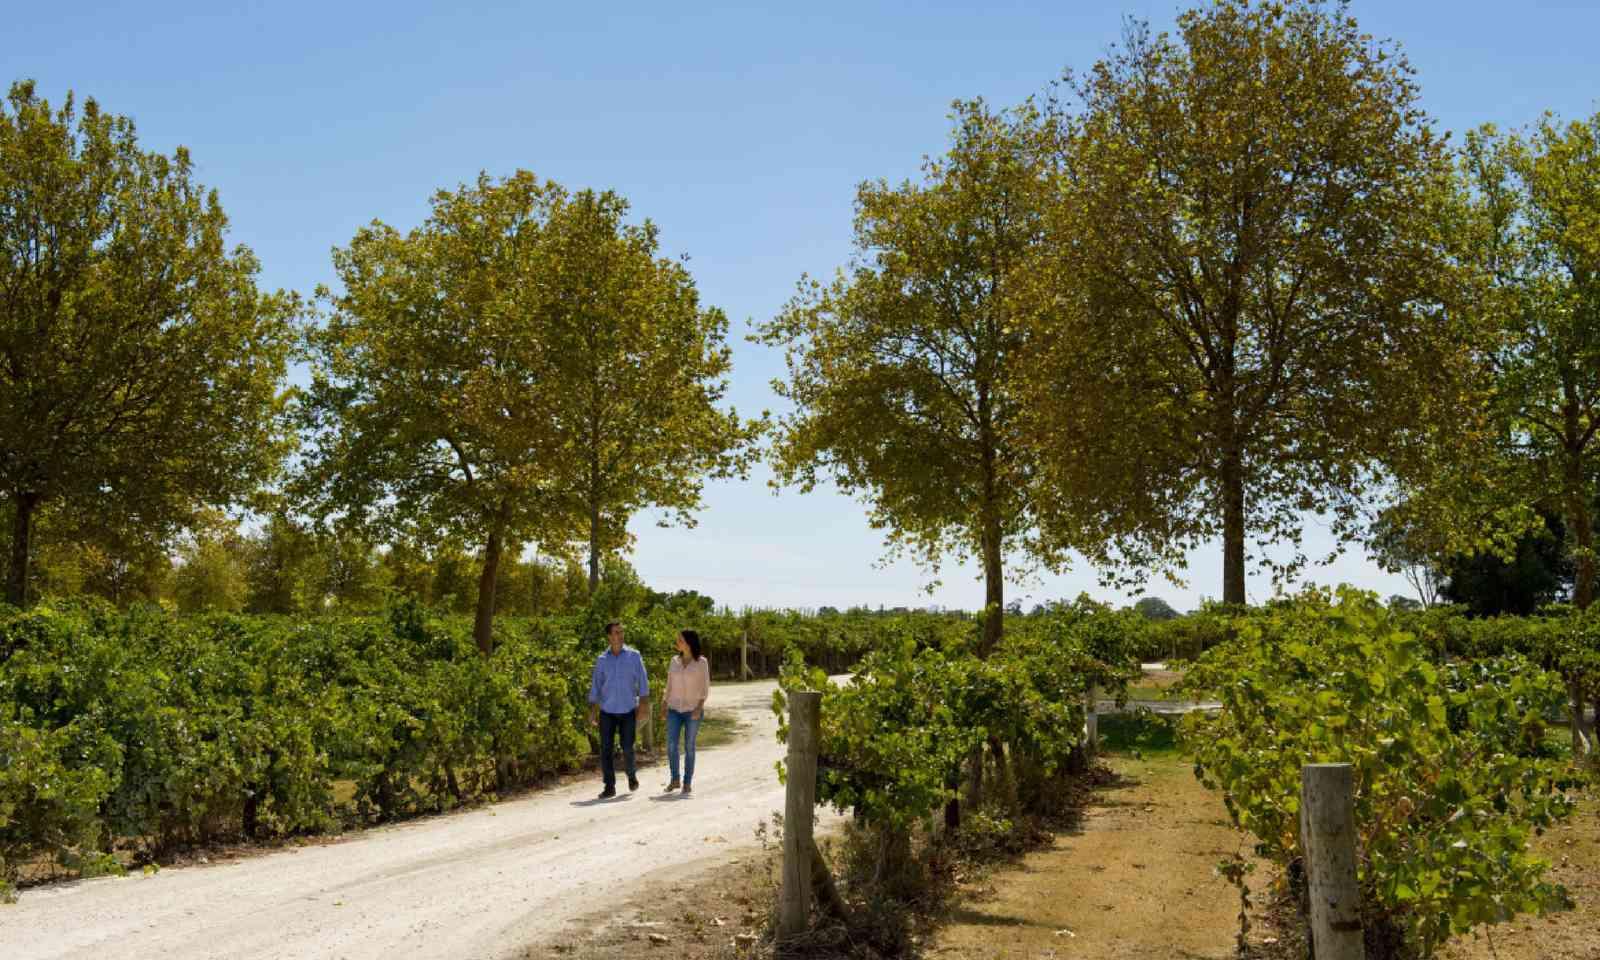 Walking through vineyards (SATC)